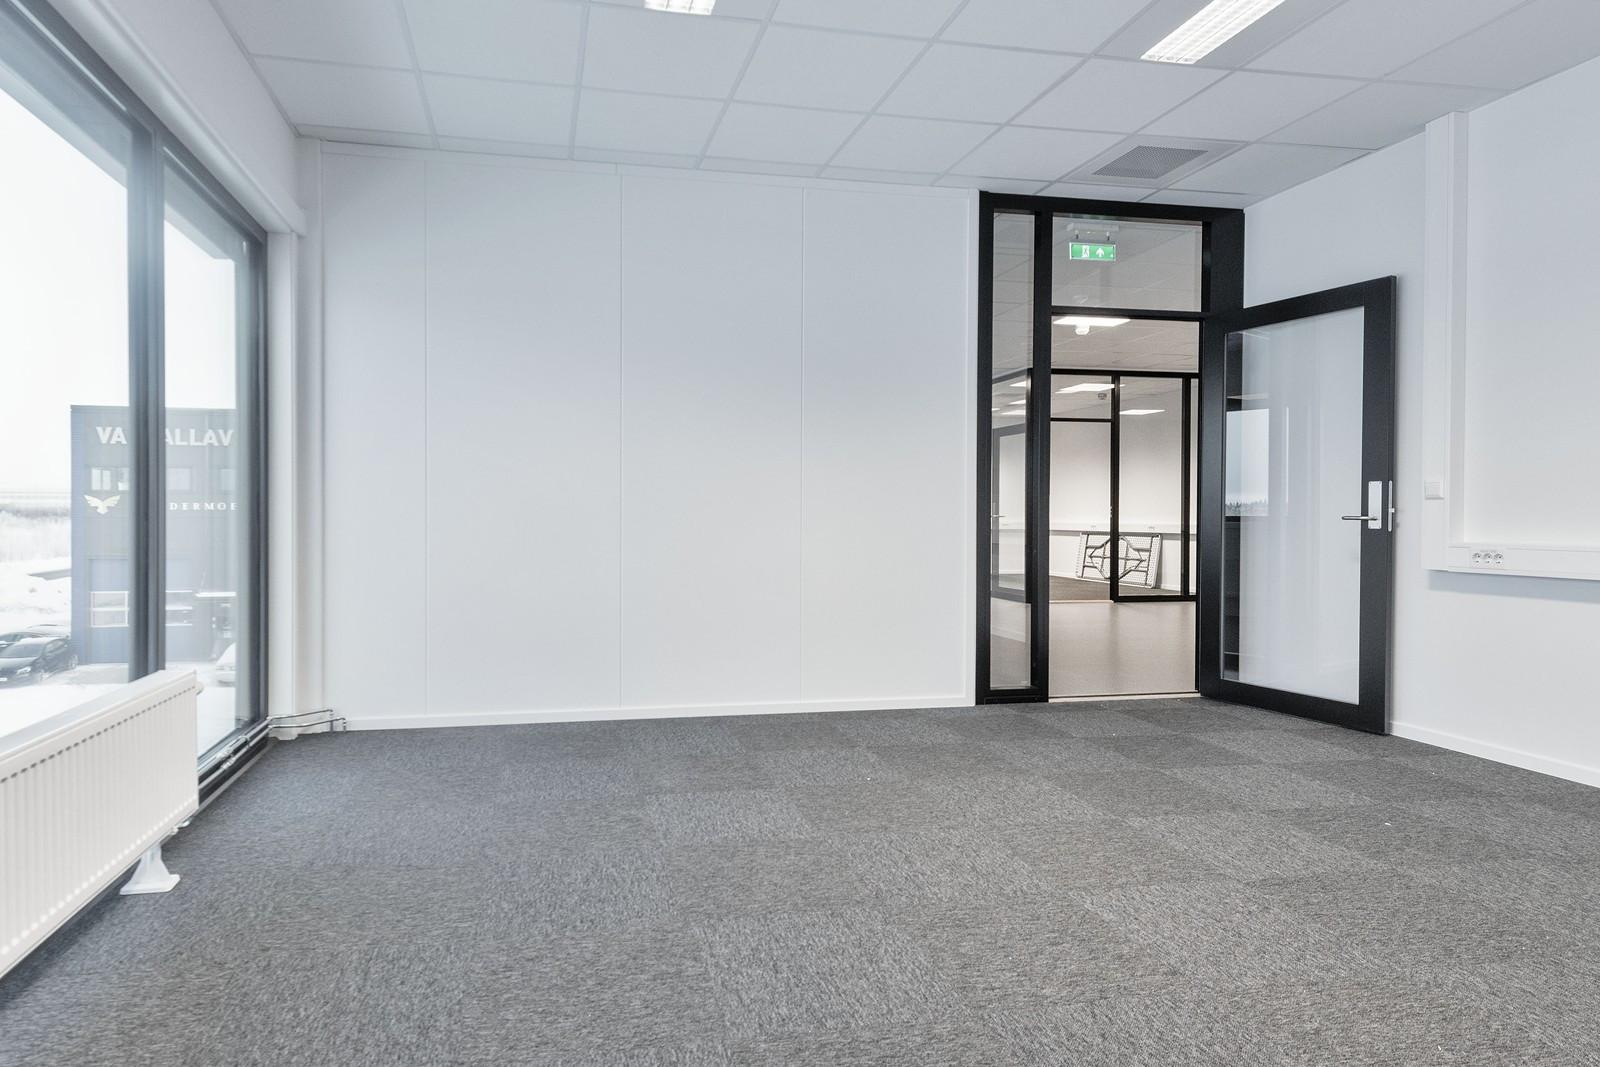 Innredet lokale - kontor/møterom med flott utsikt - BYGG 2